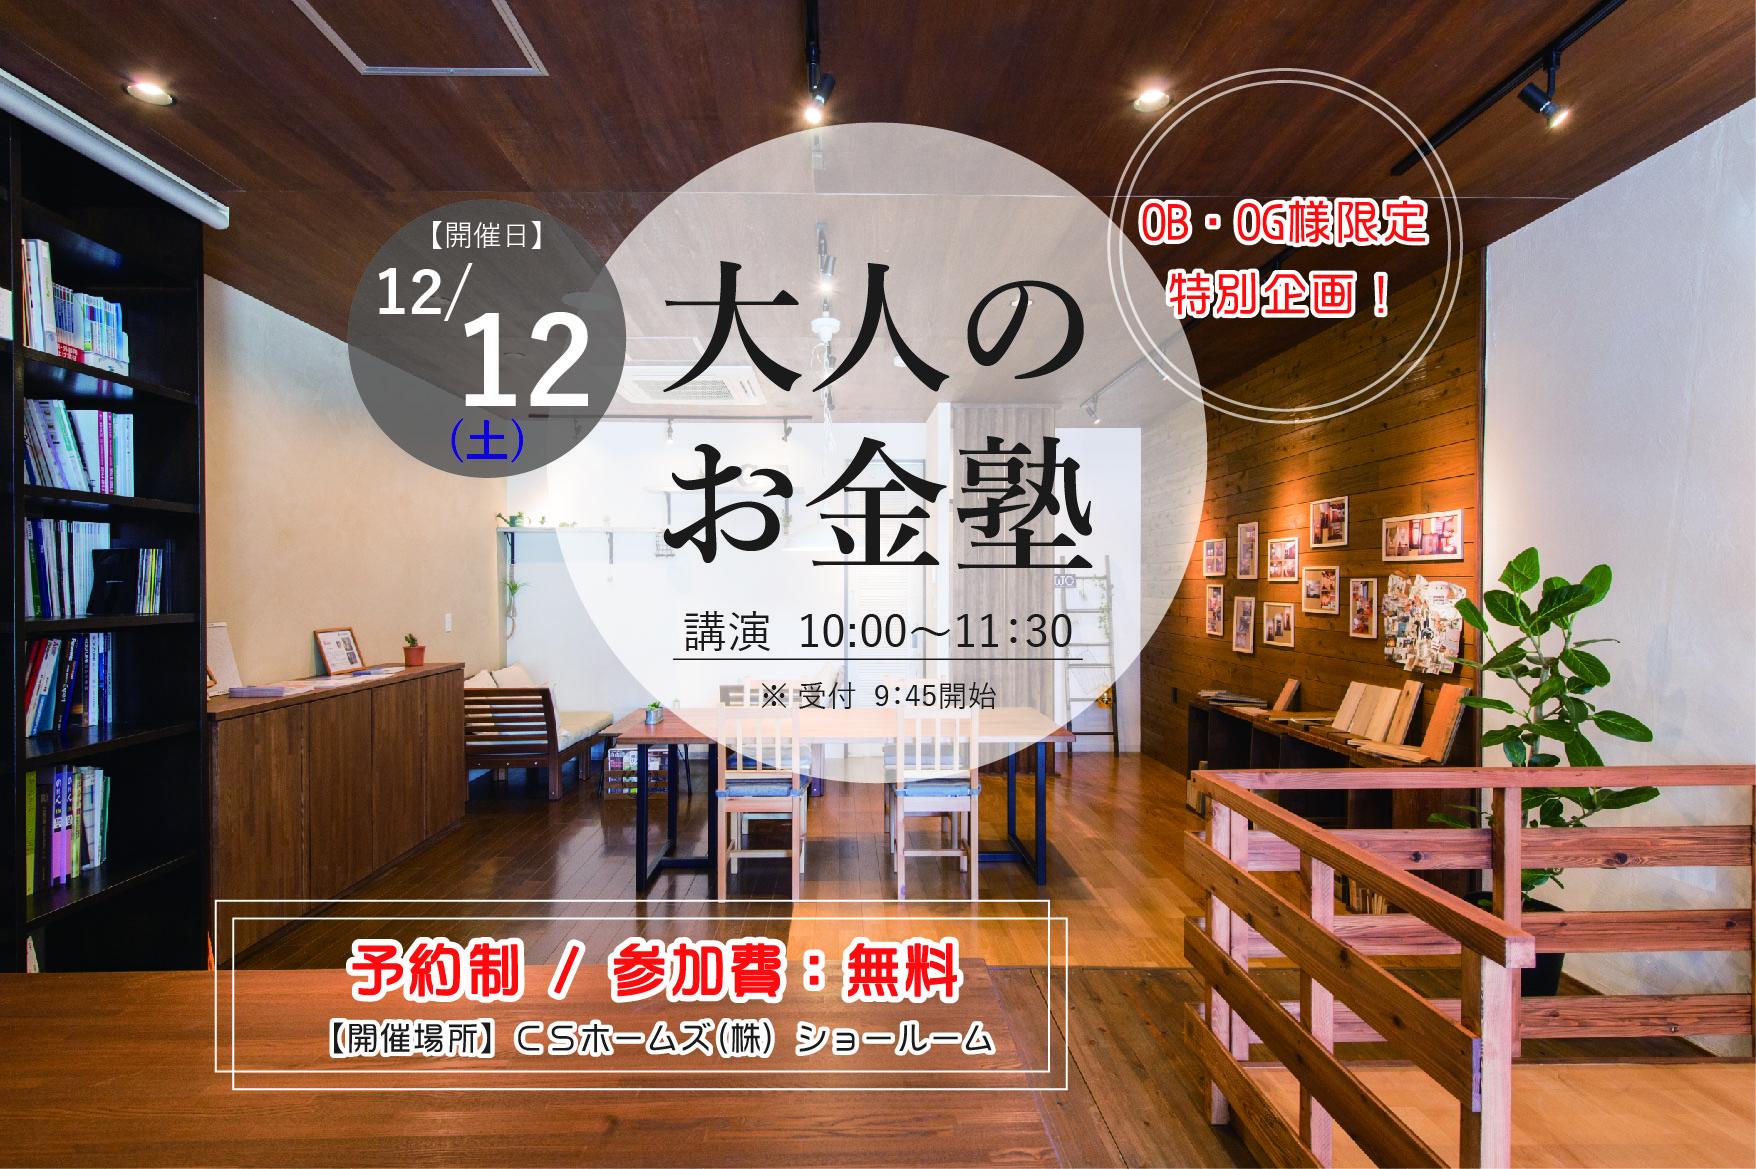 12月12日(土)<br>【OB・OG様限定!特別企画】大人のお金塾